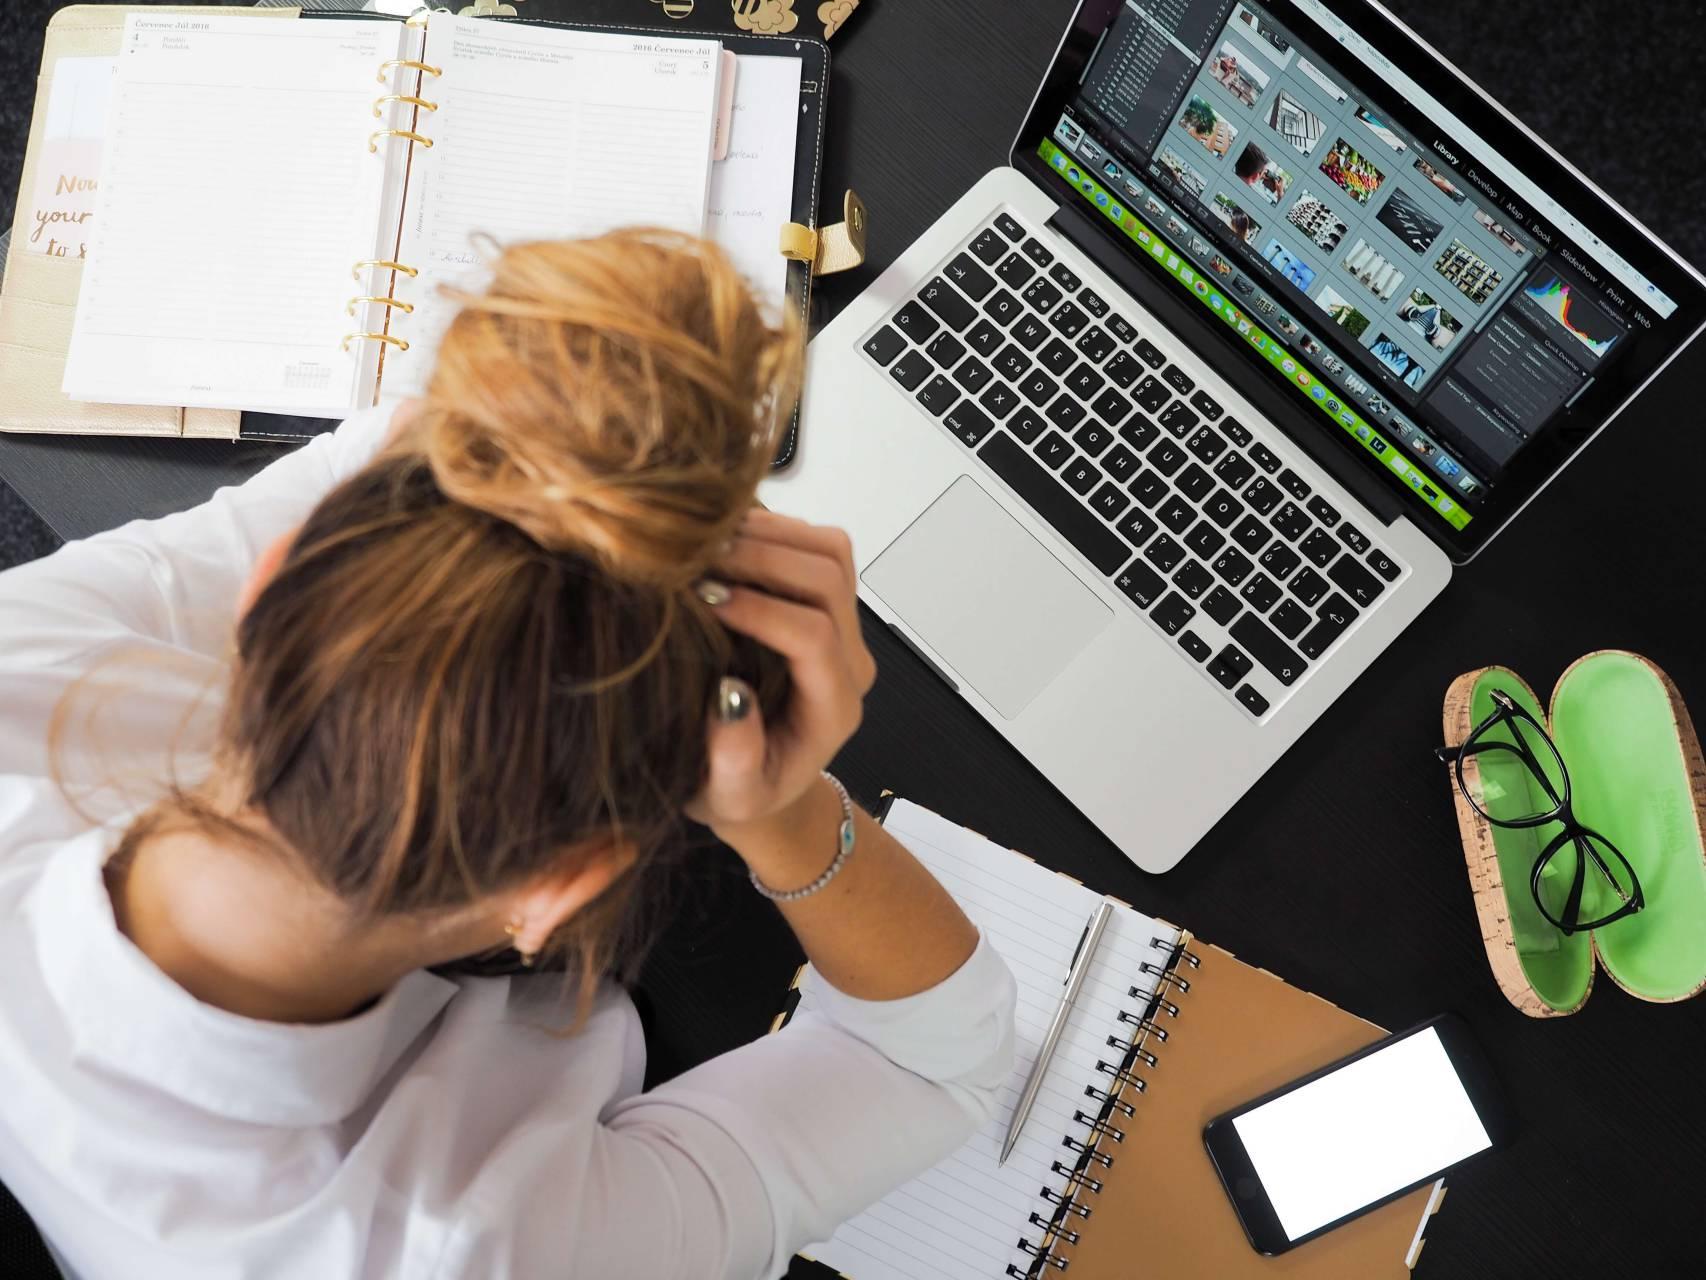 Kvinna framför laptop med huvudet i händerna